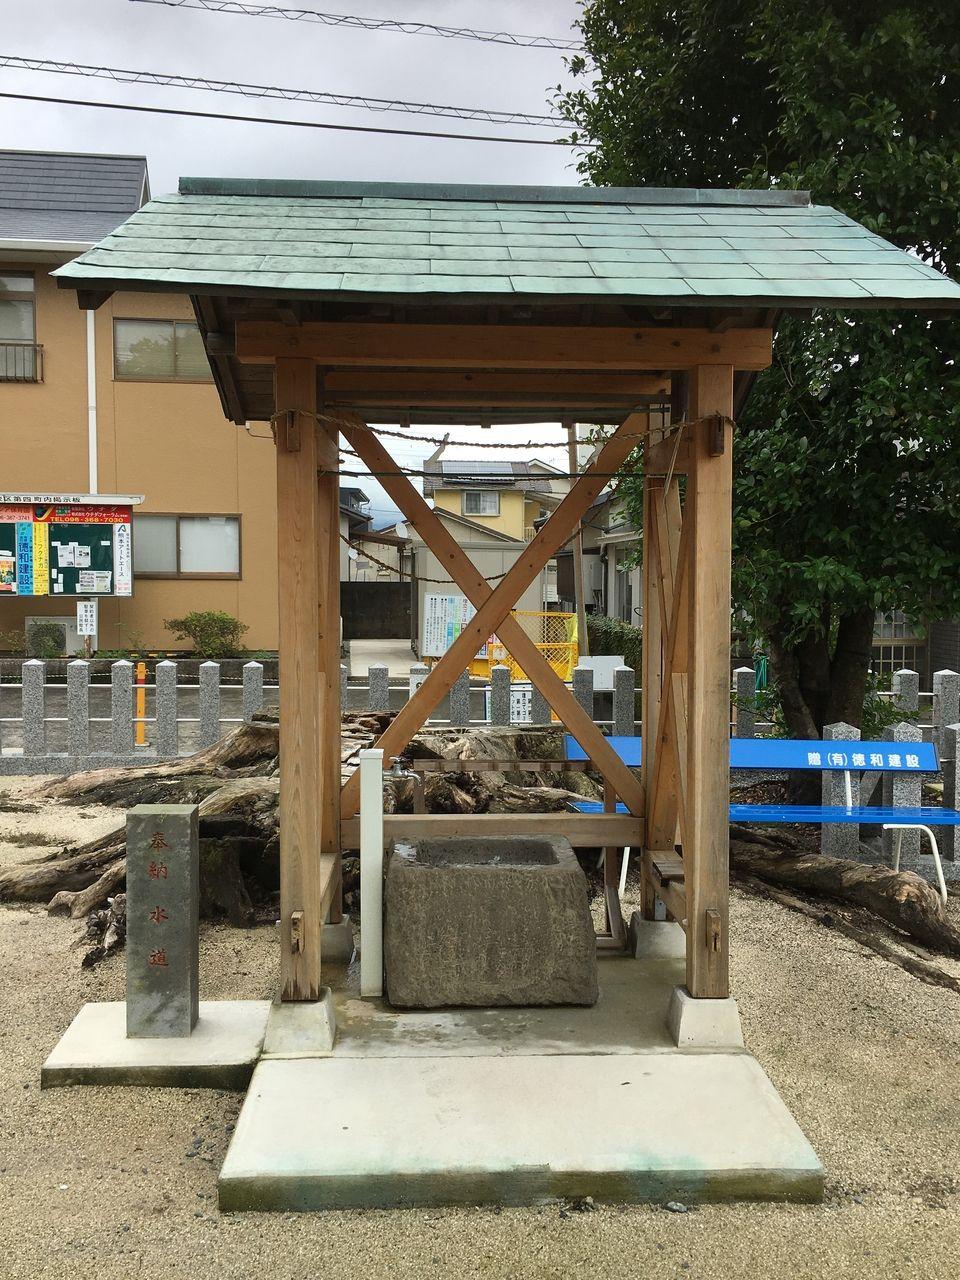 奉納されている水道施設による手洗い場